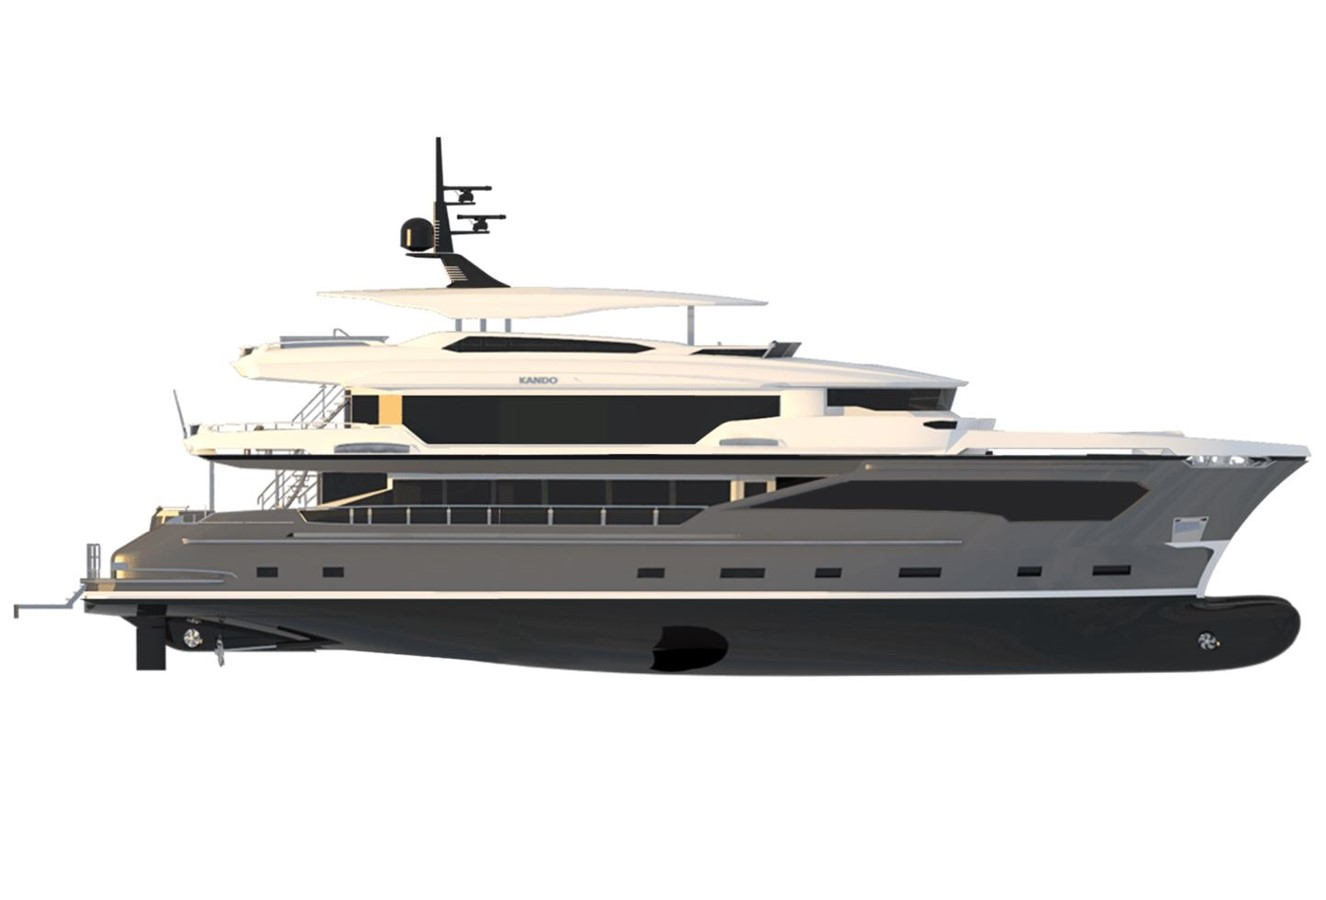 2022 AVA YACHTS Kando 130 Motor Yacht 2091085